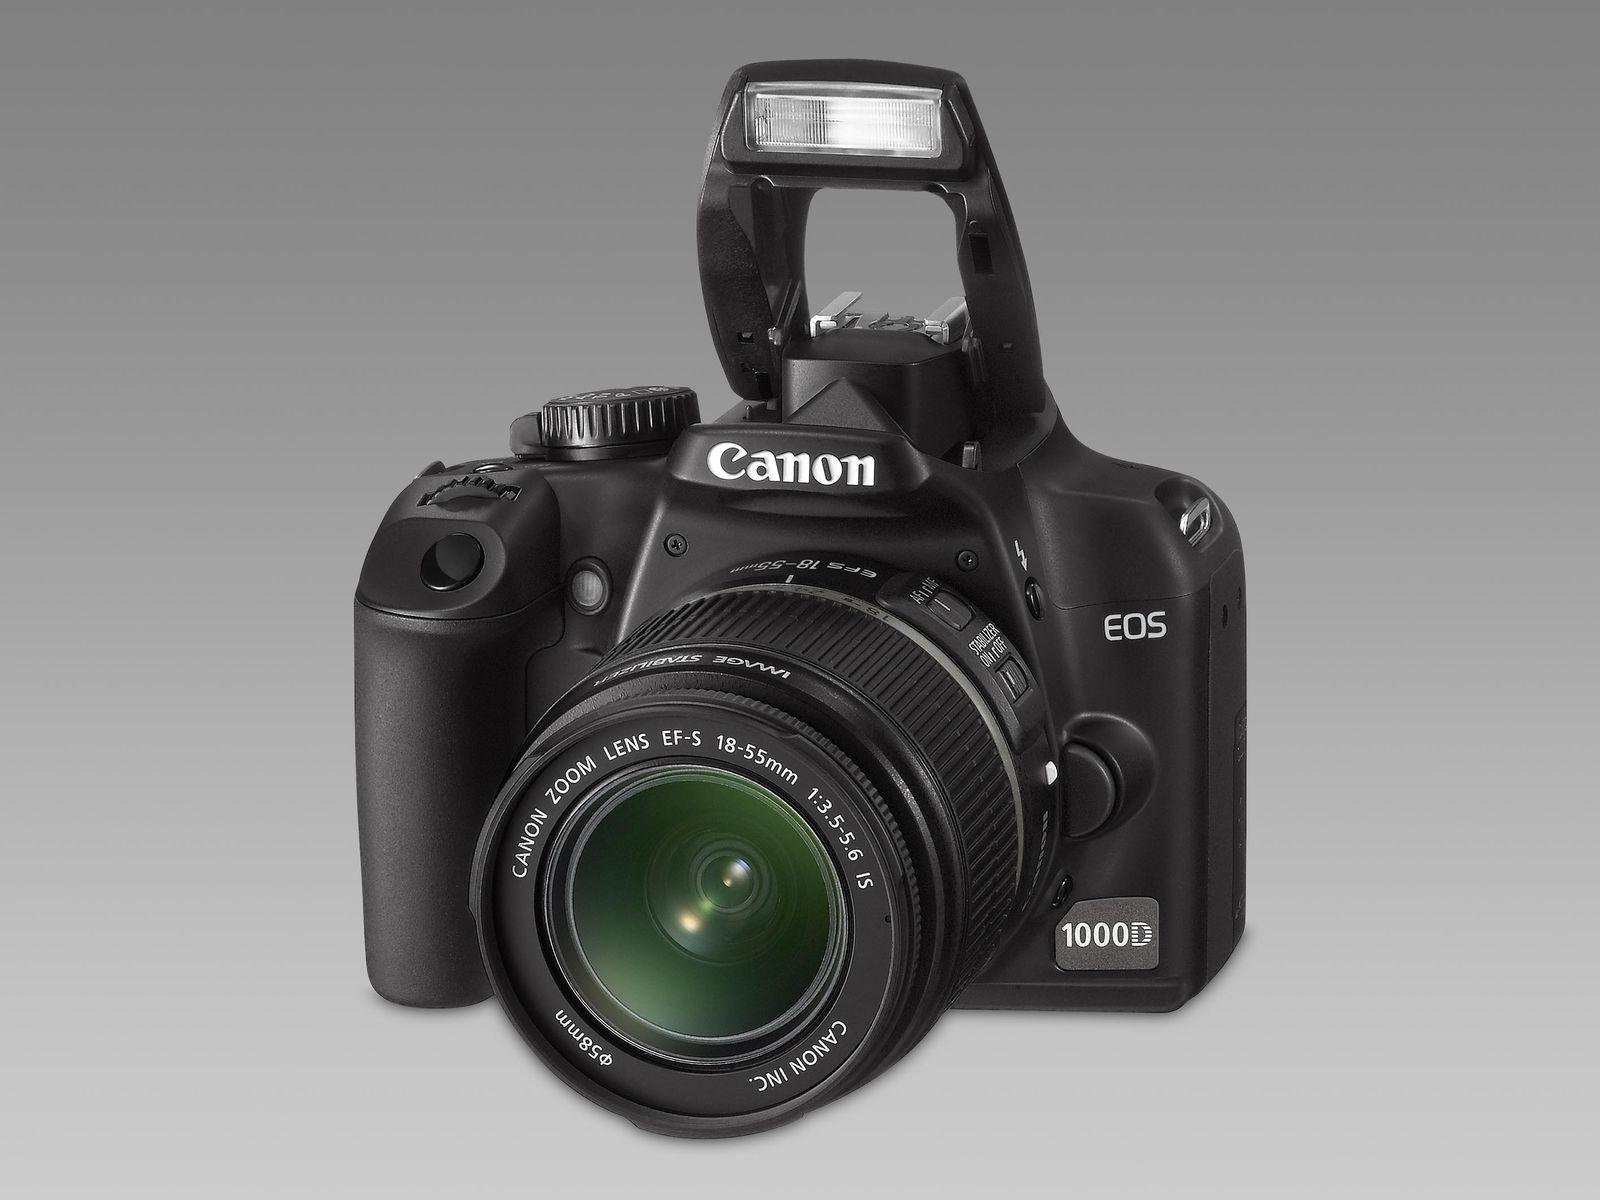 Canon EOS / Weihnachst Gadget